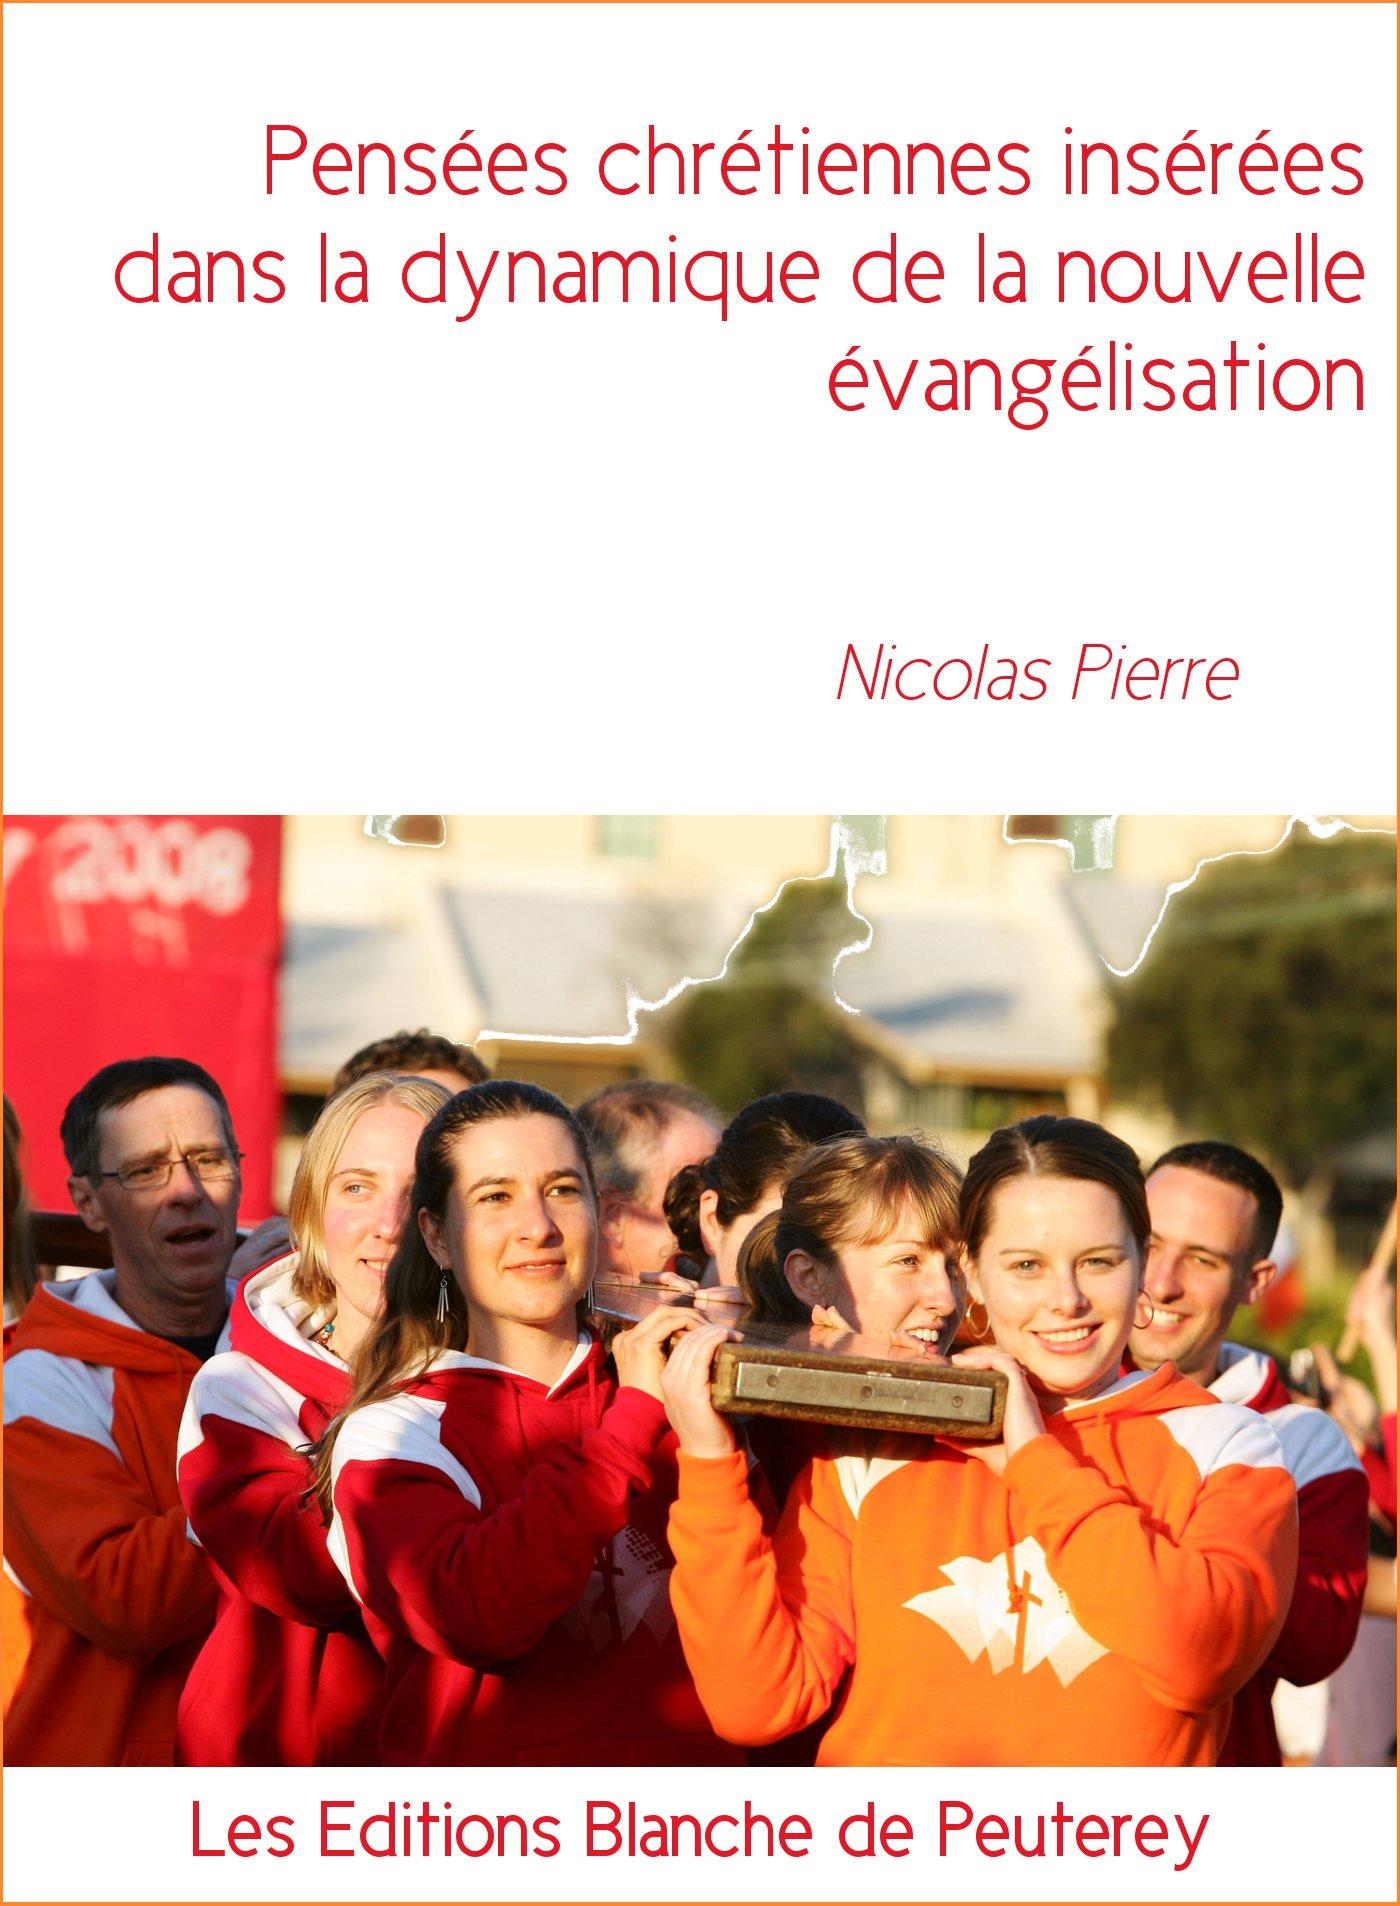 Pensées chrétiennes insérées dans la dynamique de la nouvelle évangélisation